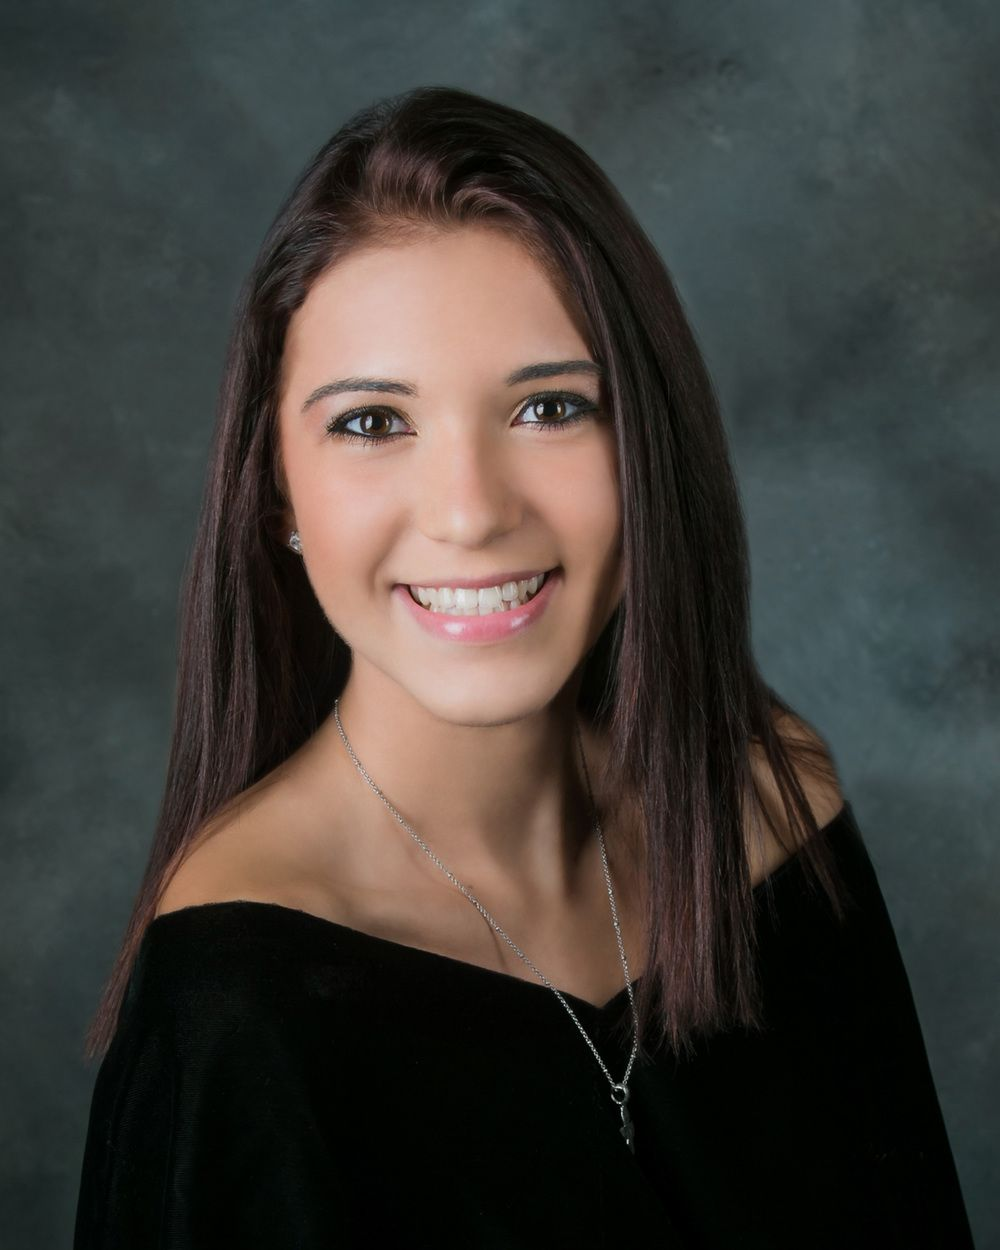 Yearbook Portrait Lighting